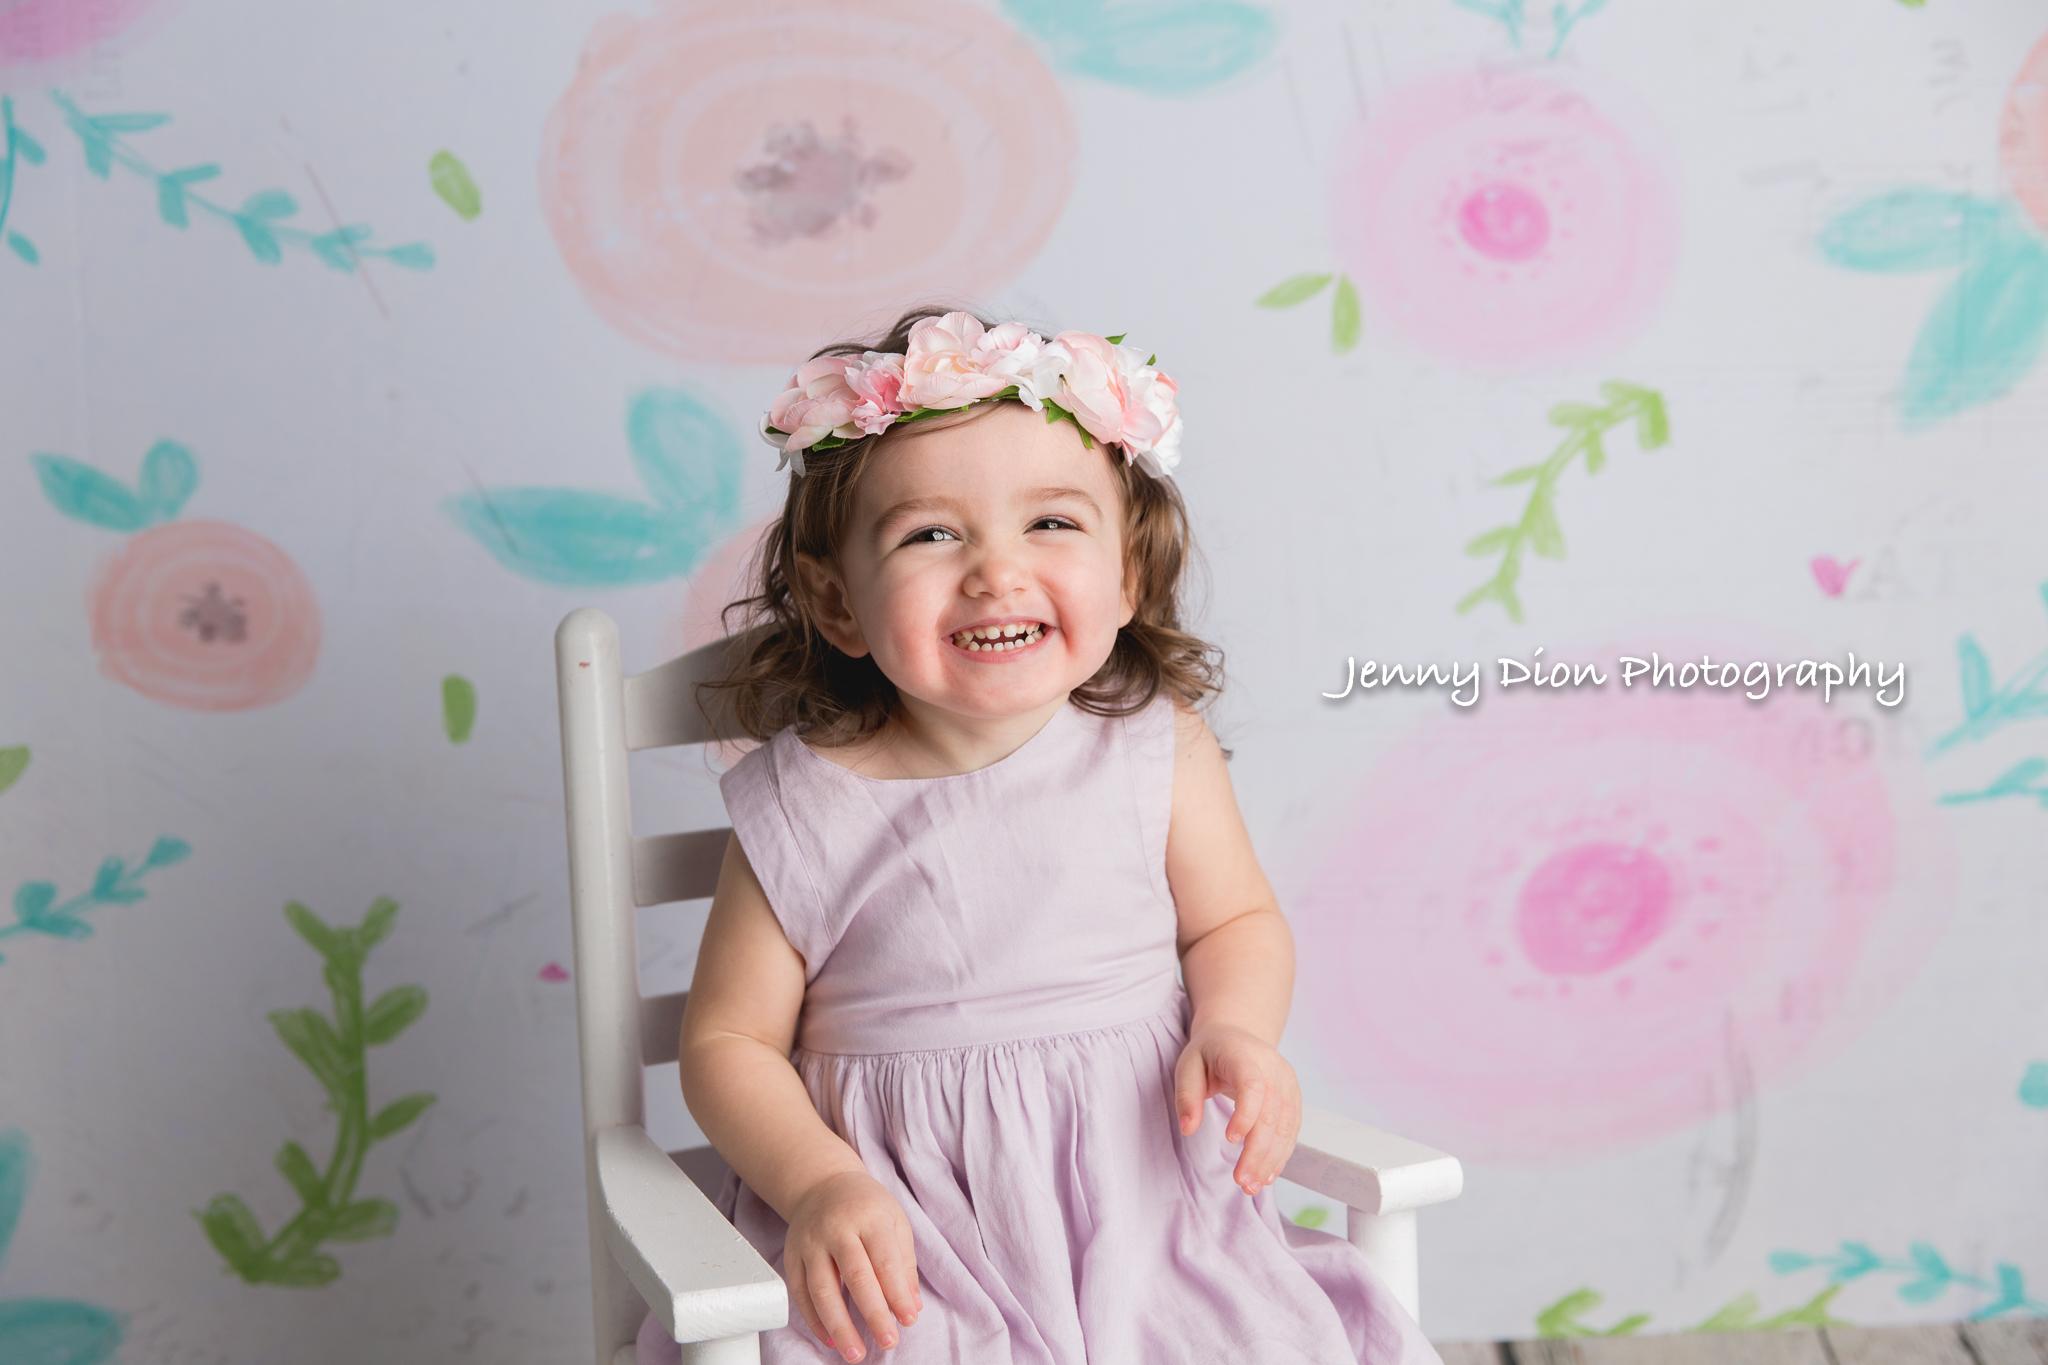 Pretty smiles :)